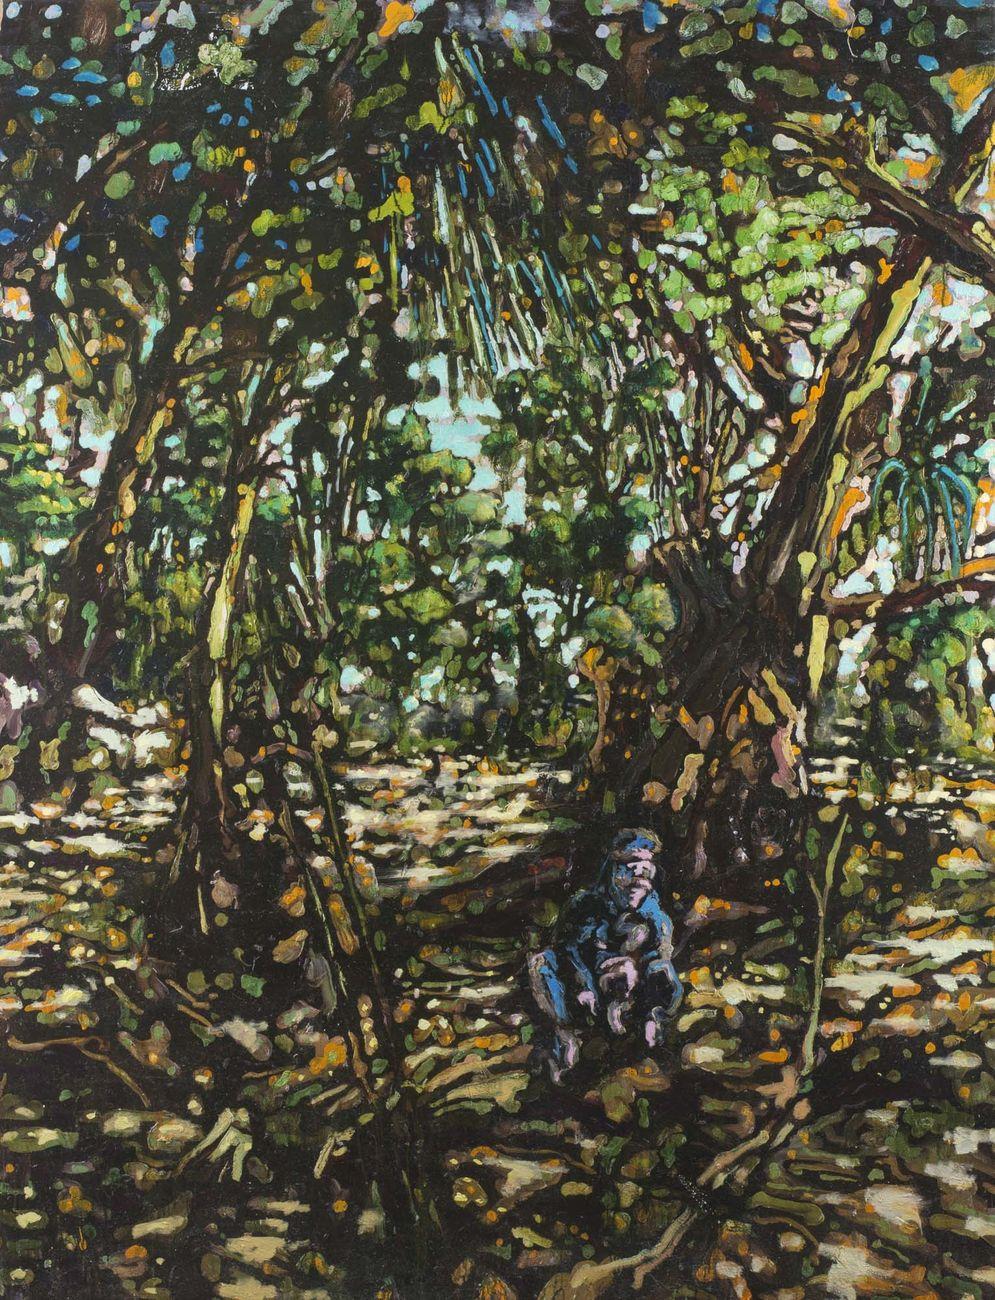 Nicola Facchini, Solo bucce sbucciate, 2016, olio su tela, 200 x 136 cm